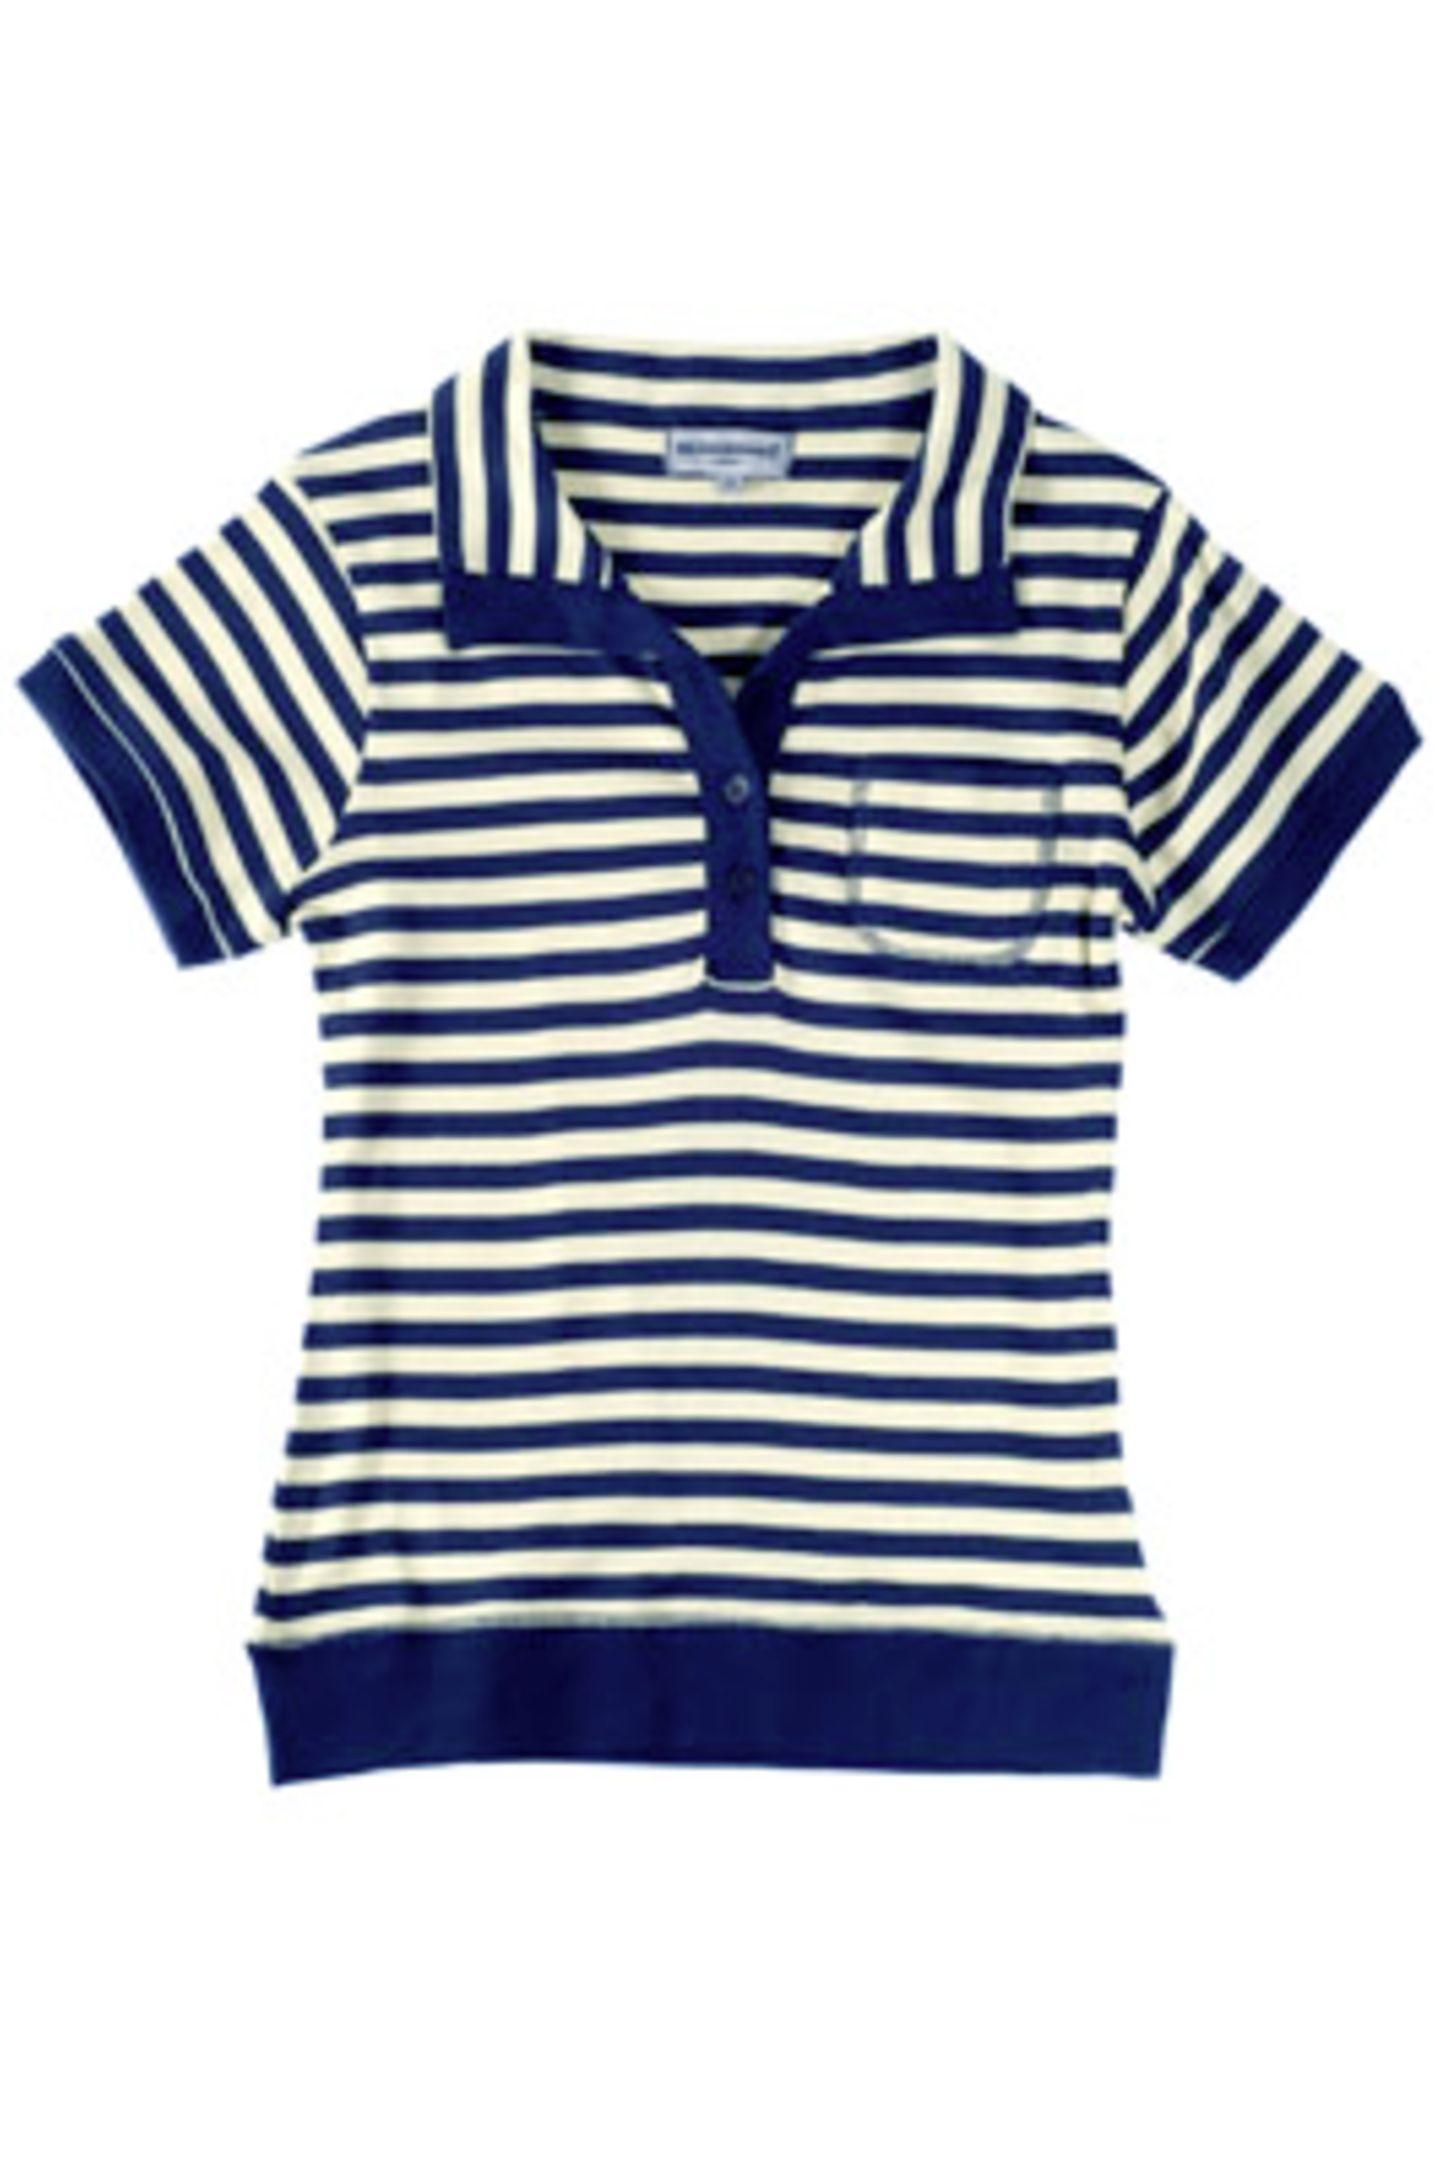 Gelb-blau gestreiftes Shirt; 9 Euro; von mister.lady